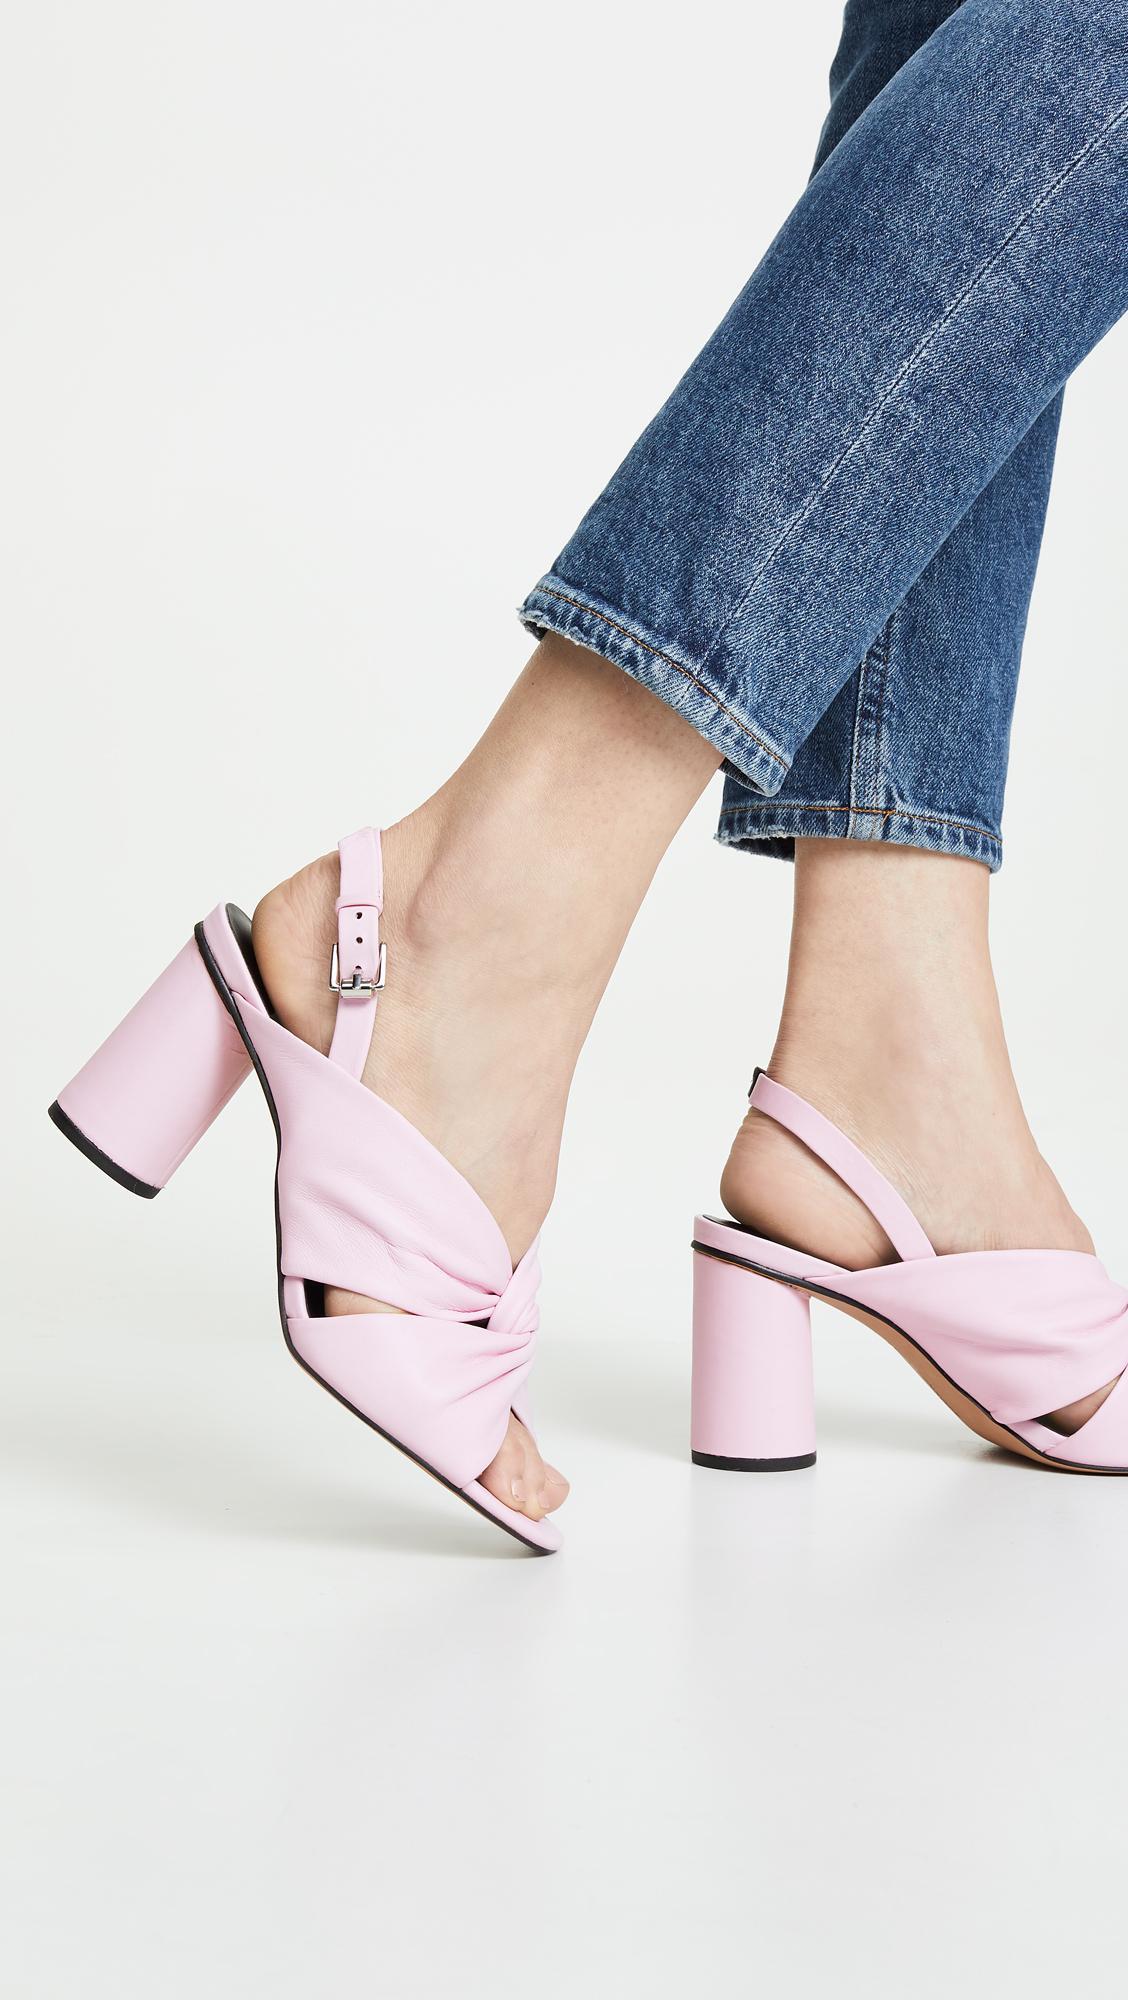 f18777f6bda Rebecca Minkoff - Pink Agata Block Heel Slingback Sandals - Lyst. View  fullscreen